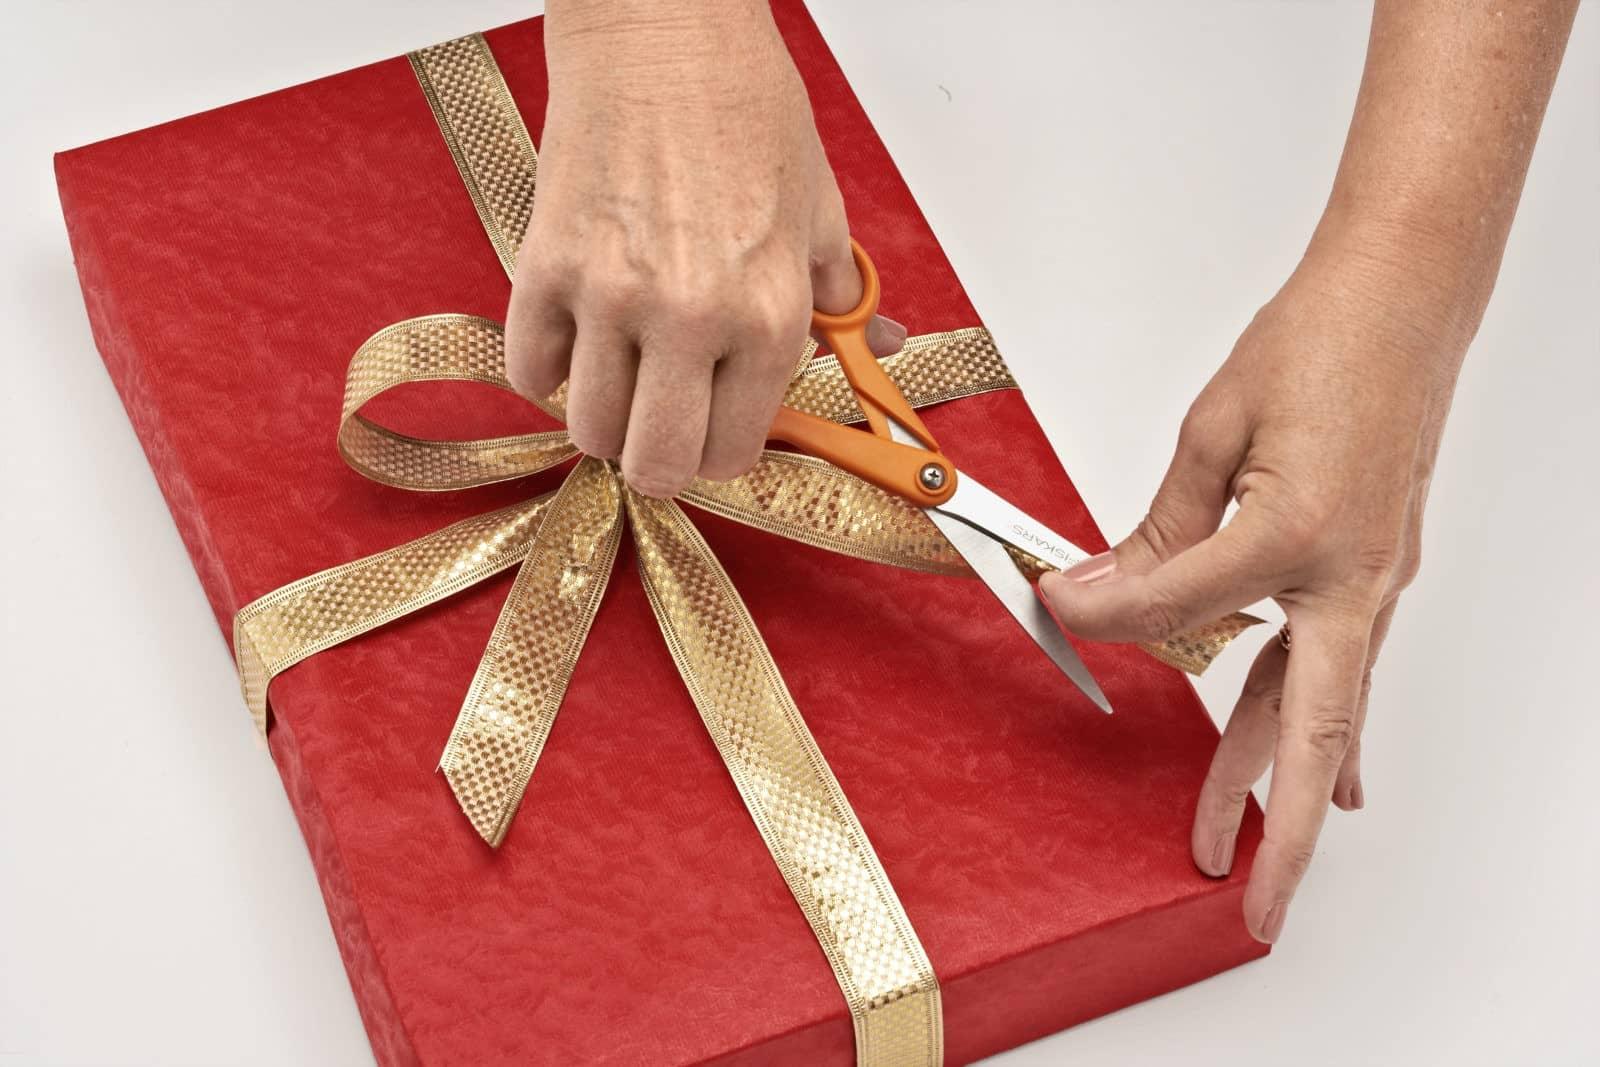 Γιορτή σήμερα 2,3 Δεκεμβρίου Εορτολόγιο Ποιοι γιορτάζουν 2/12 Άγιος Αντώνιος 17 Ιανουαρίου 2019 - Εορτολόγιο - Γιορτάζουν σήμερα - Παγκόσμια ημέρα